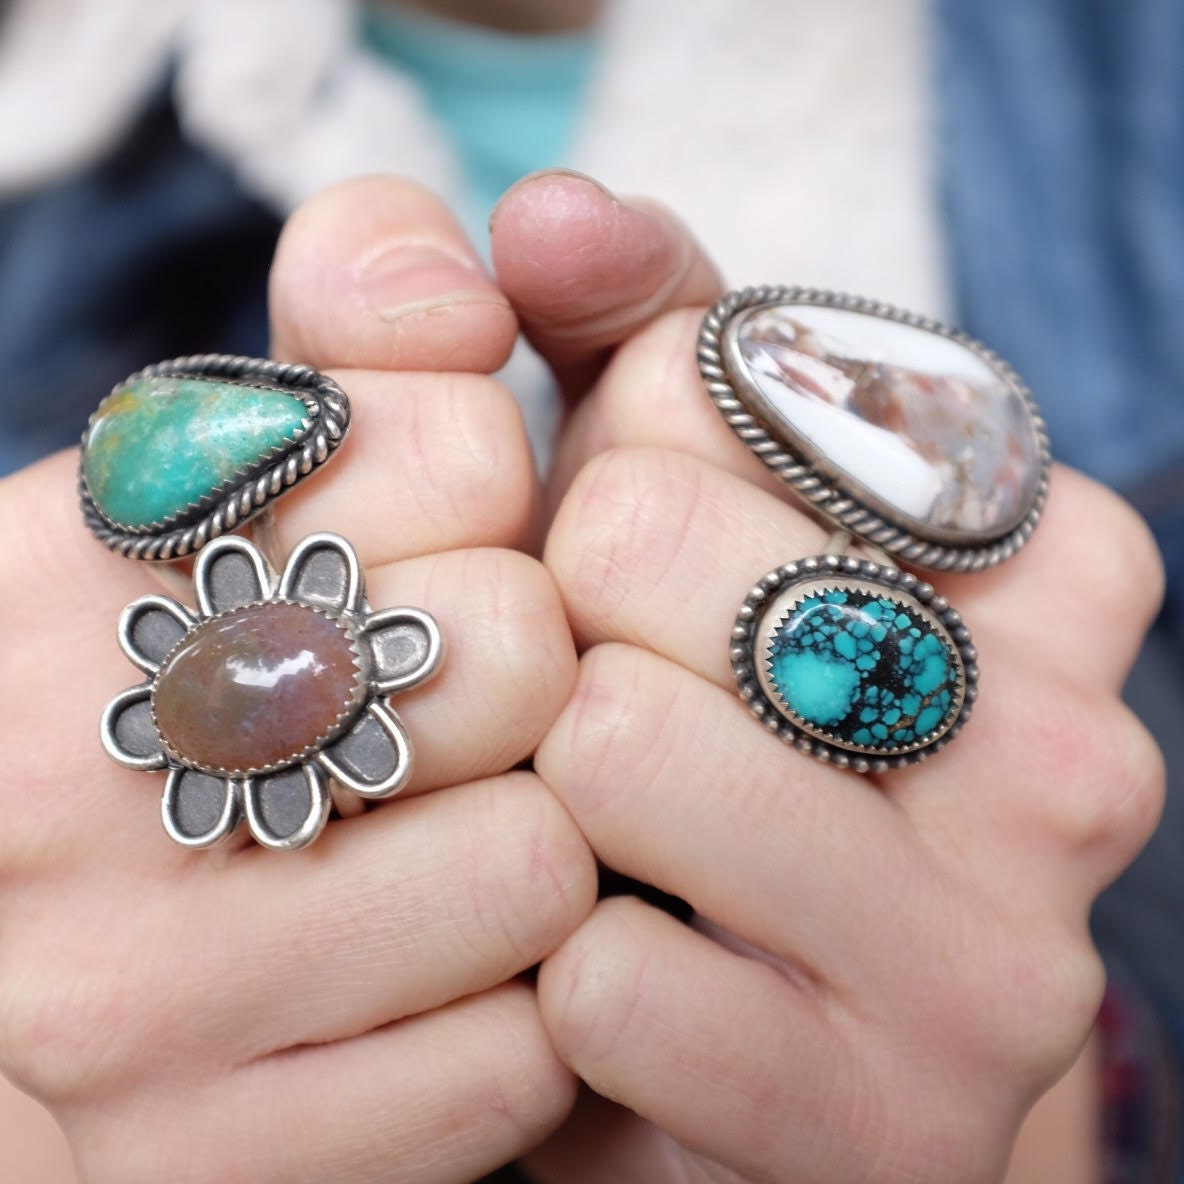 Handmade Jewelry by Allison Dendulk. by desertdustjewelry on Etsy